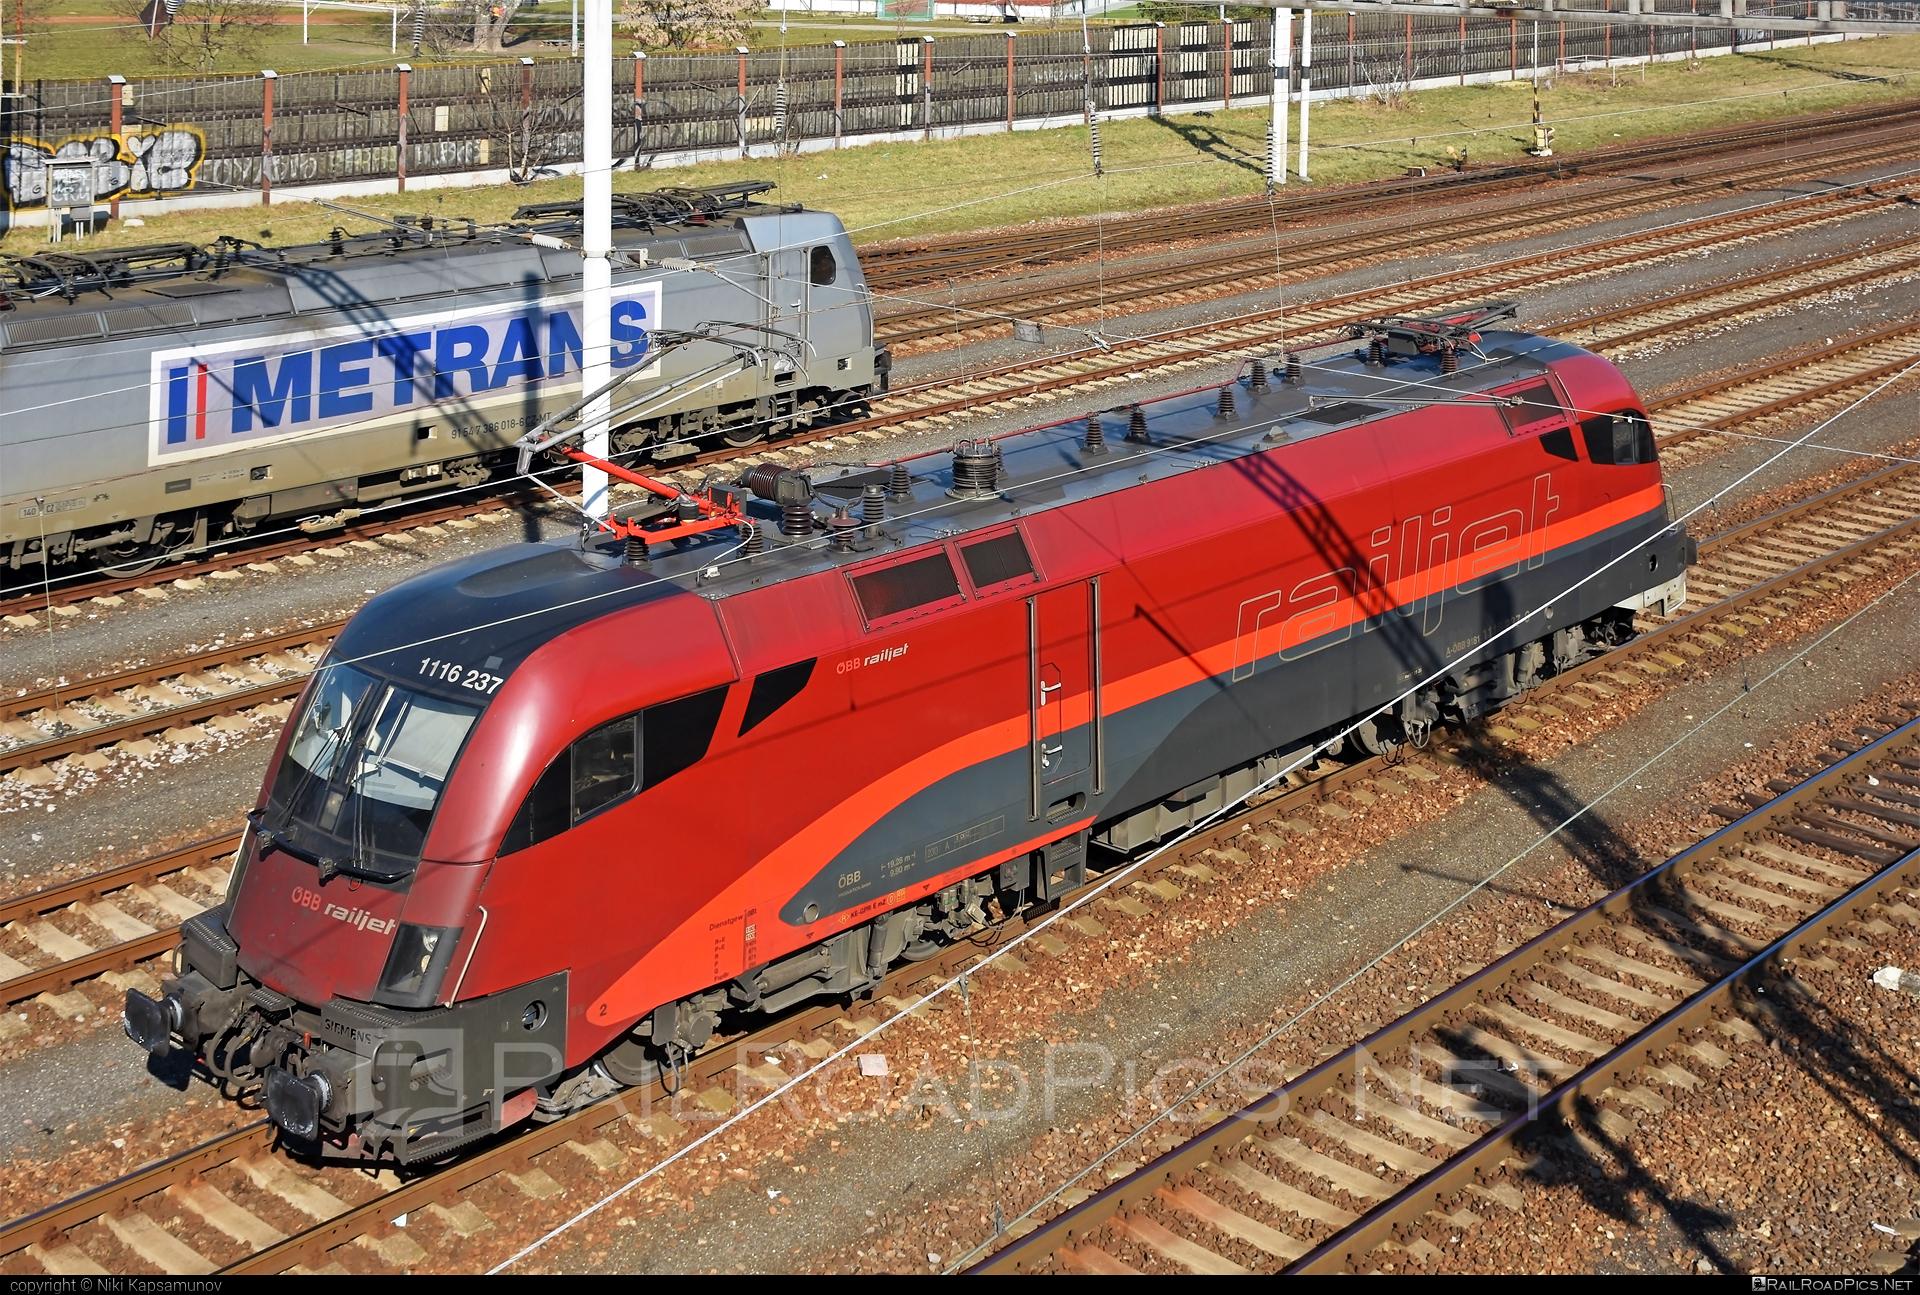 Siemens ES 64 U2 - 1116 237 operated by Rail Cargo Austria AG #es64 #es64u #es64u2 #eurosprinter #obb #osterreichischebundesbahnen #railjet #rcw #siemens #siemenses64 #siemenses64u #siemenses64u2 #siemenstaurus #taurus #tauruslocomotive